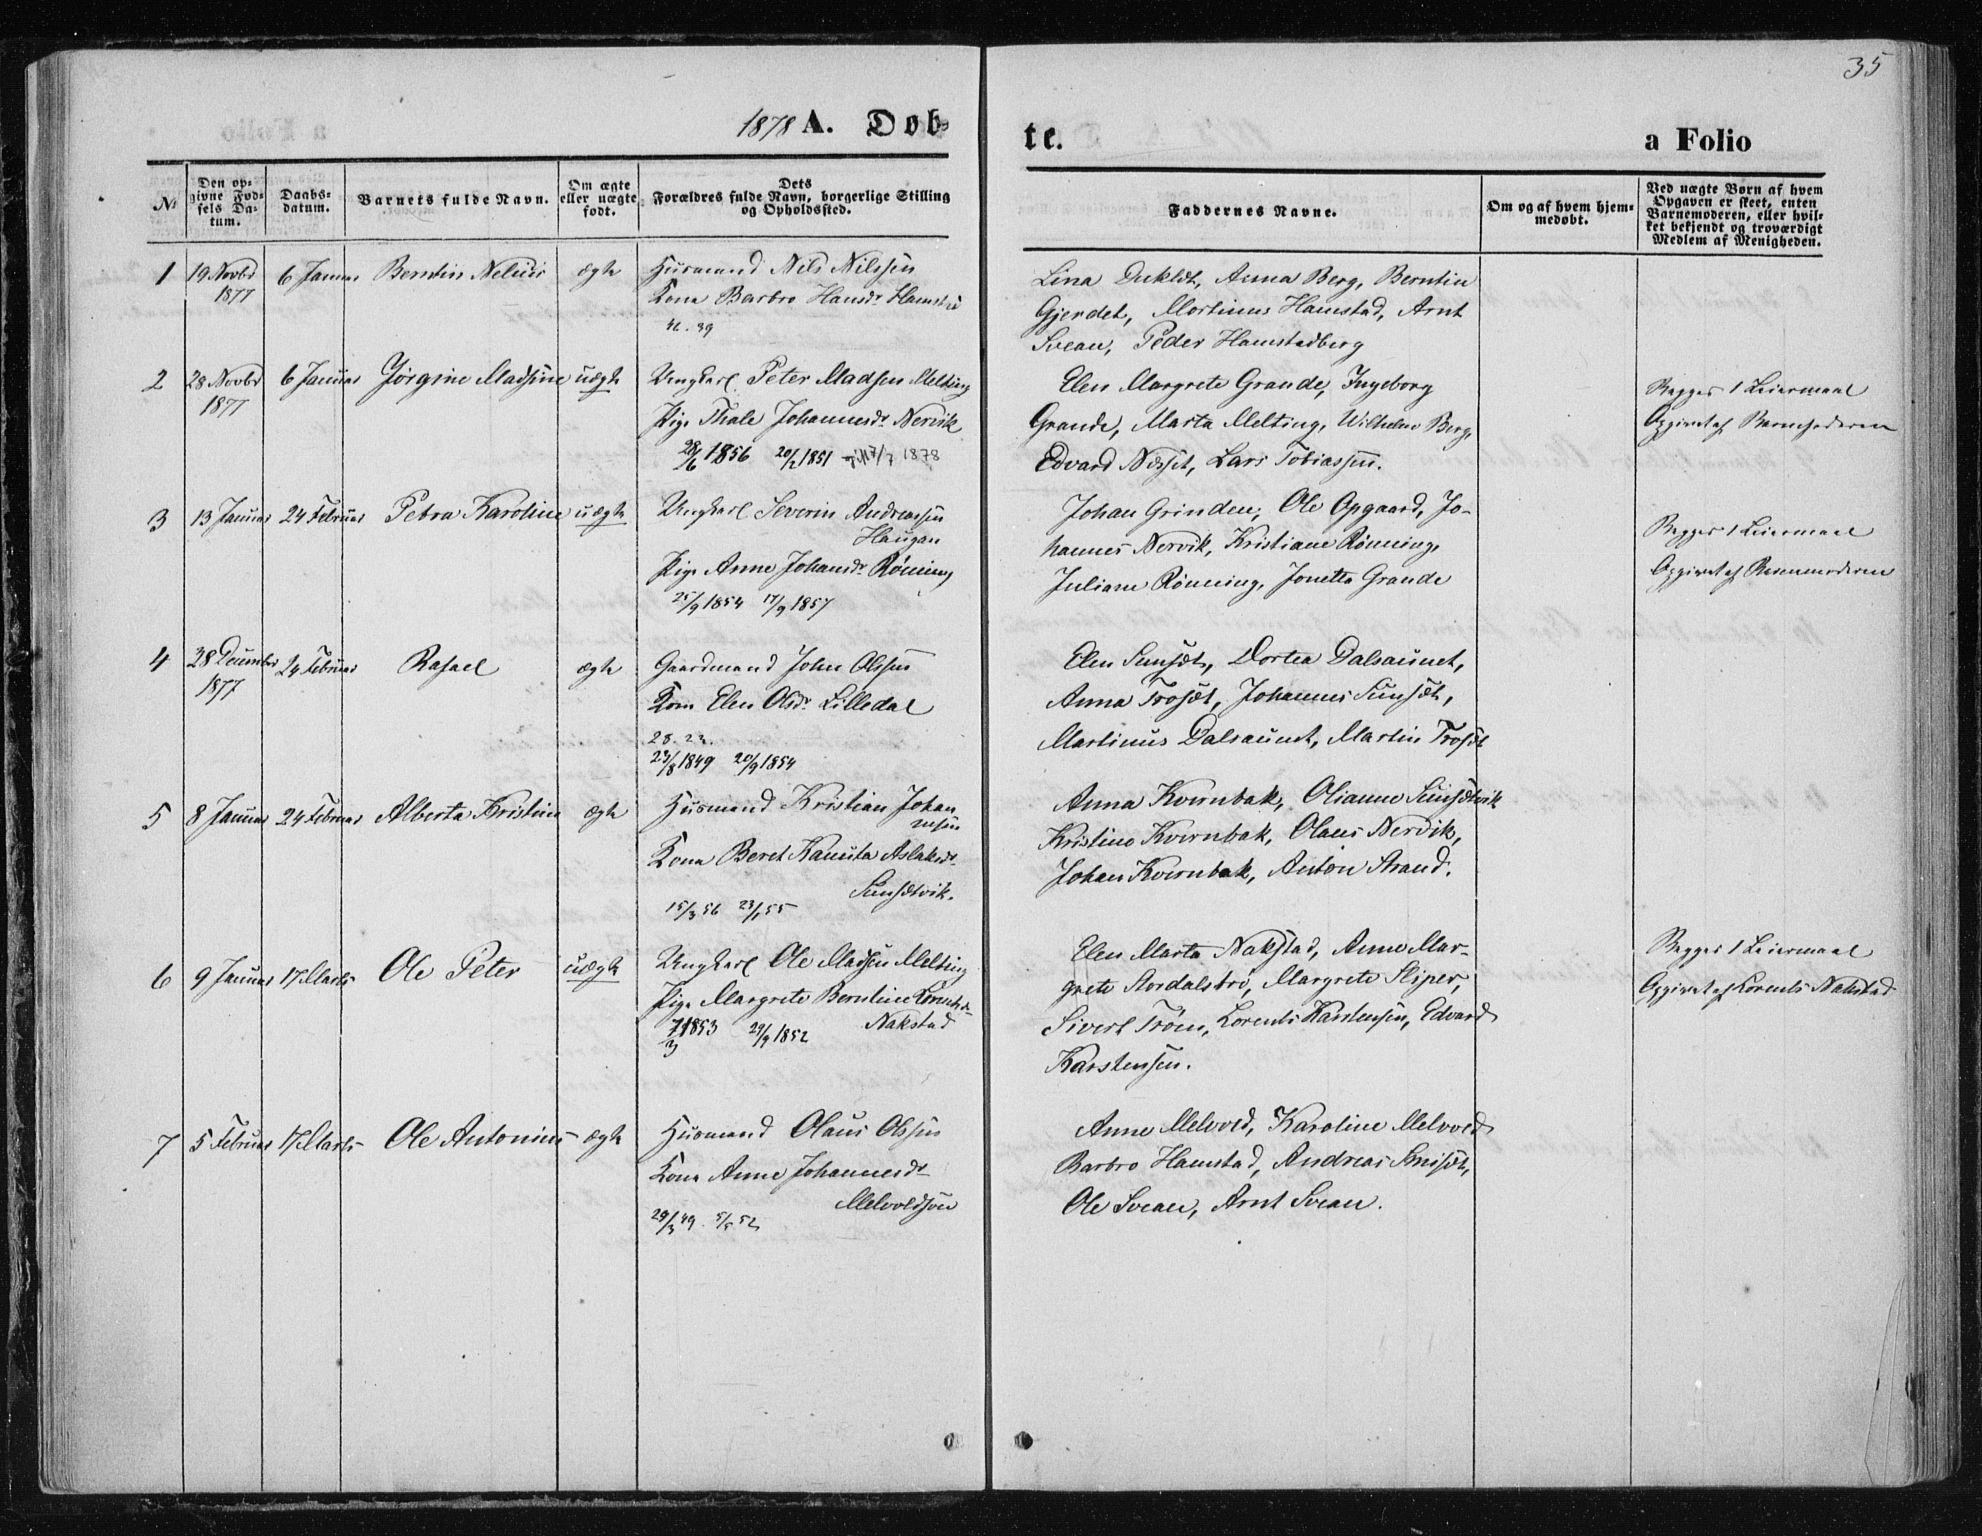 SAT, Ministerialprotokoller, klokkerbøker og fødselsregistre - Nord-Trøndelag, 733/L0324: Ministerialbok nr. 733A03, 1870-1883, s. 35